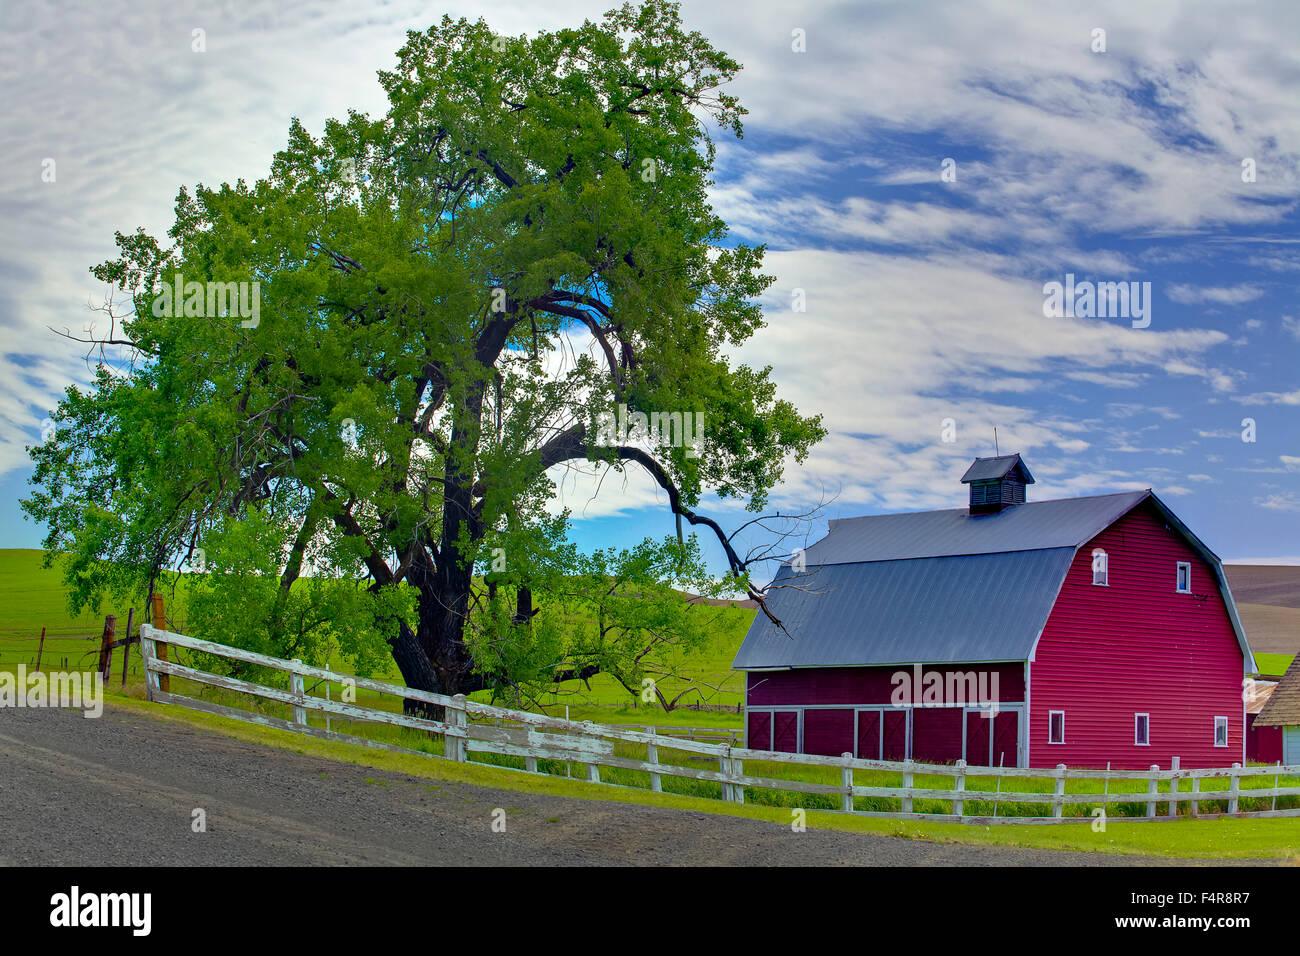 USA, United States, America, Pacific Northwest, Washington, Washington State, barn, farm, tree - Stock Image